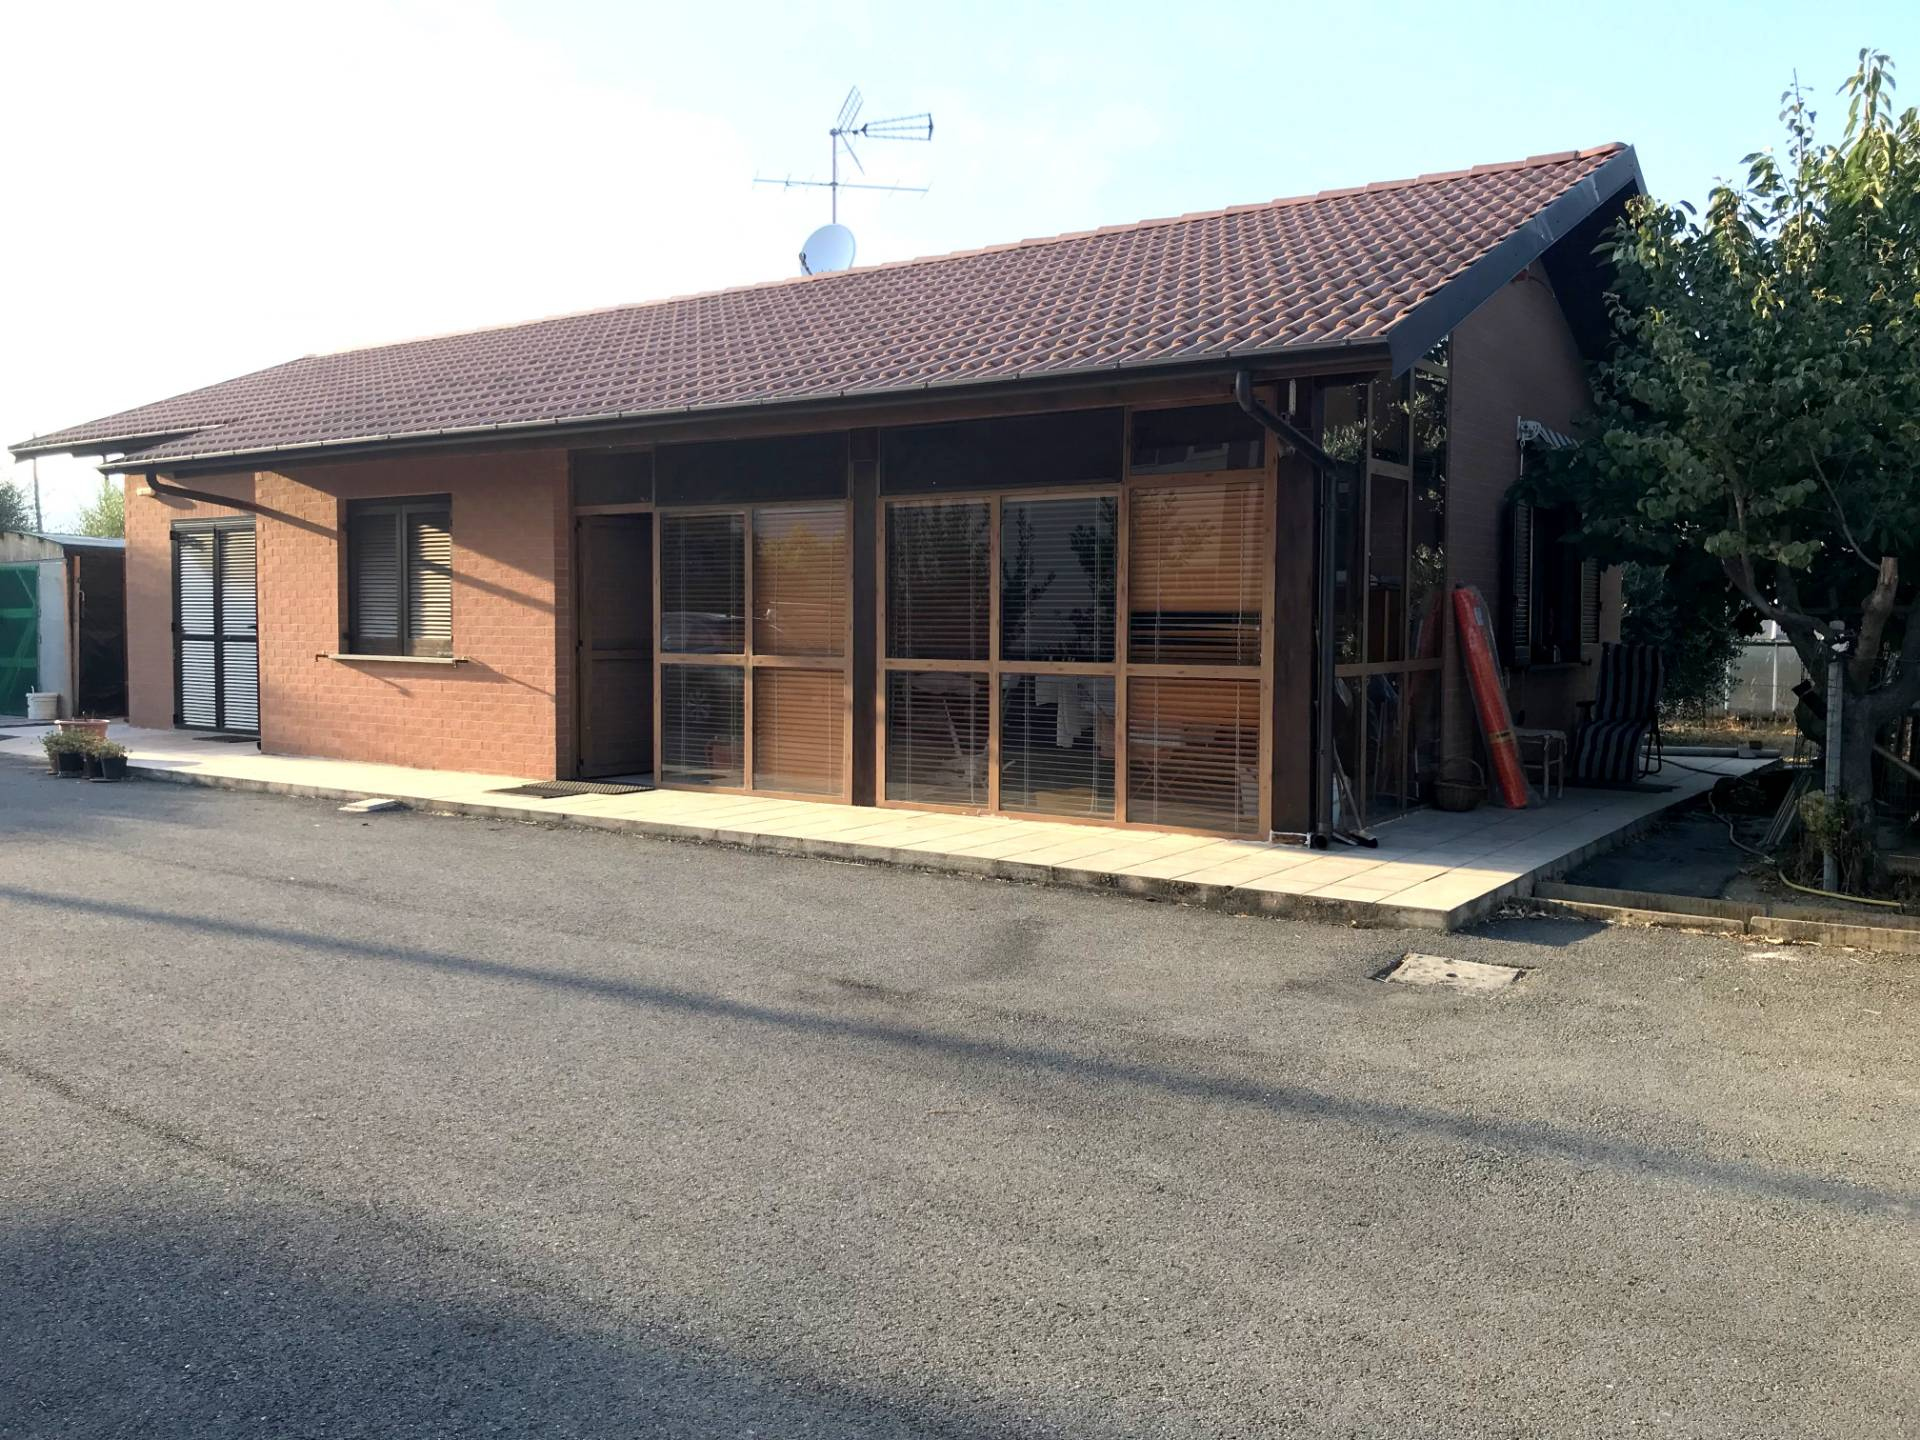 Villa in vendita a Albenga, 4 locali, prezzo € 300.000 | CambioCasa.it